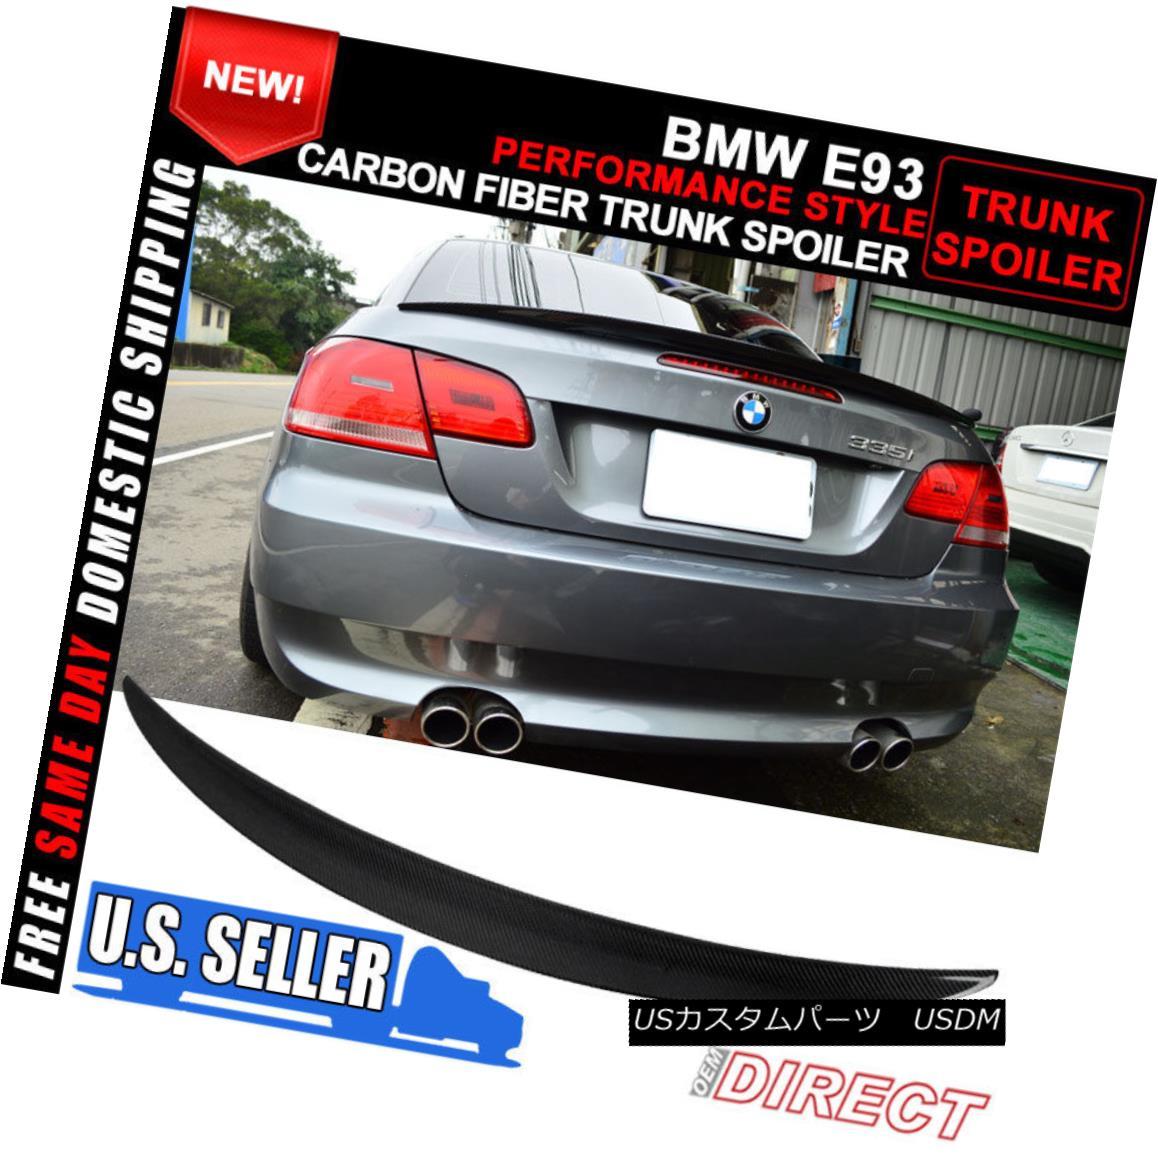 エアロパーツ 07-13 BMW E93 3 Series 2Dr 2Door CF Carbon Fiber Performance Trunk Spoiler 07-13 BMW E93 3シリーズ2Dr 2Door CFカーボンファイバートランク・スポイラー